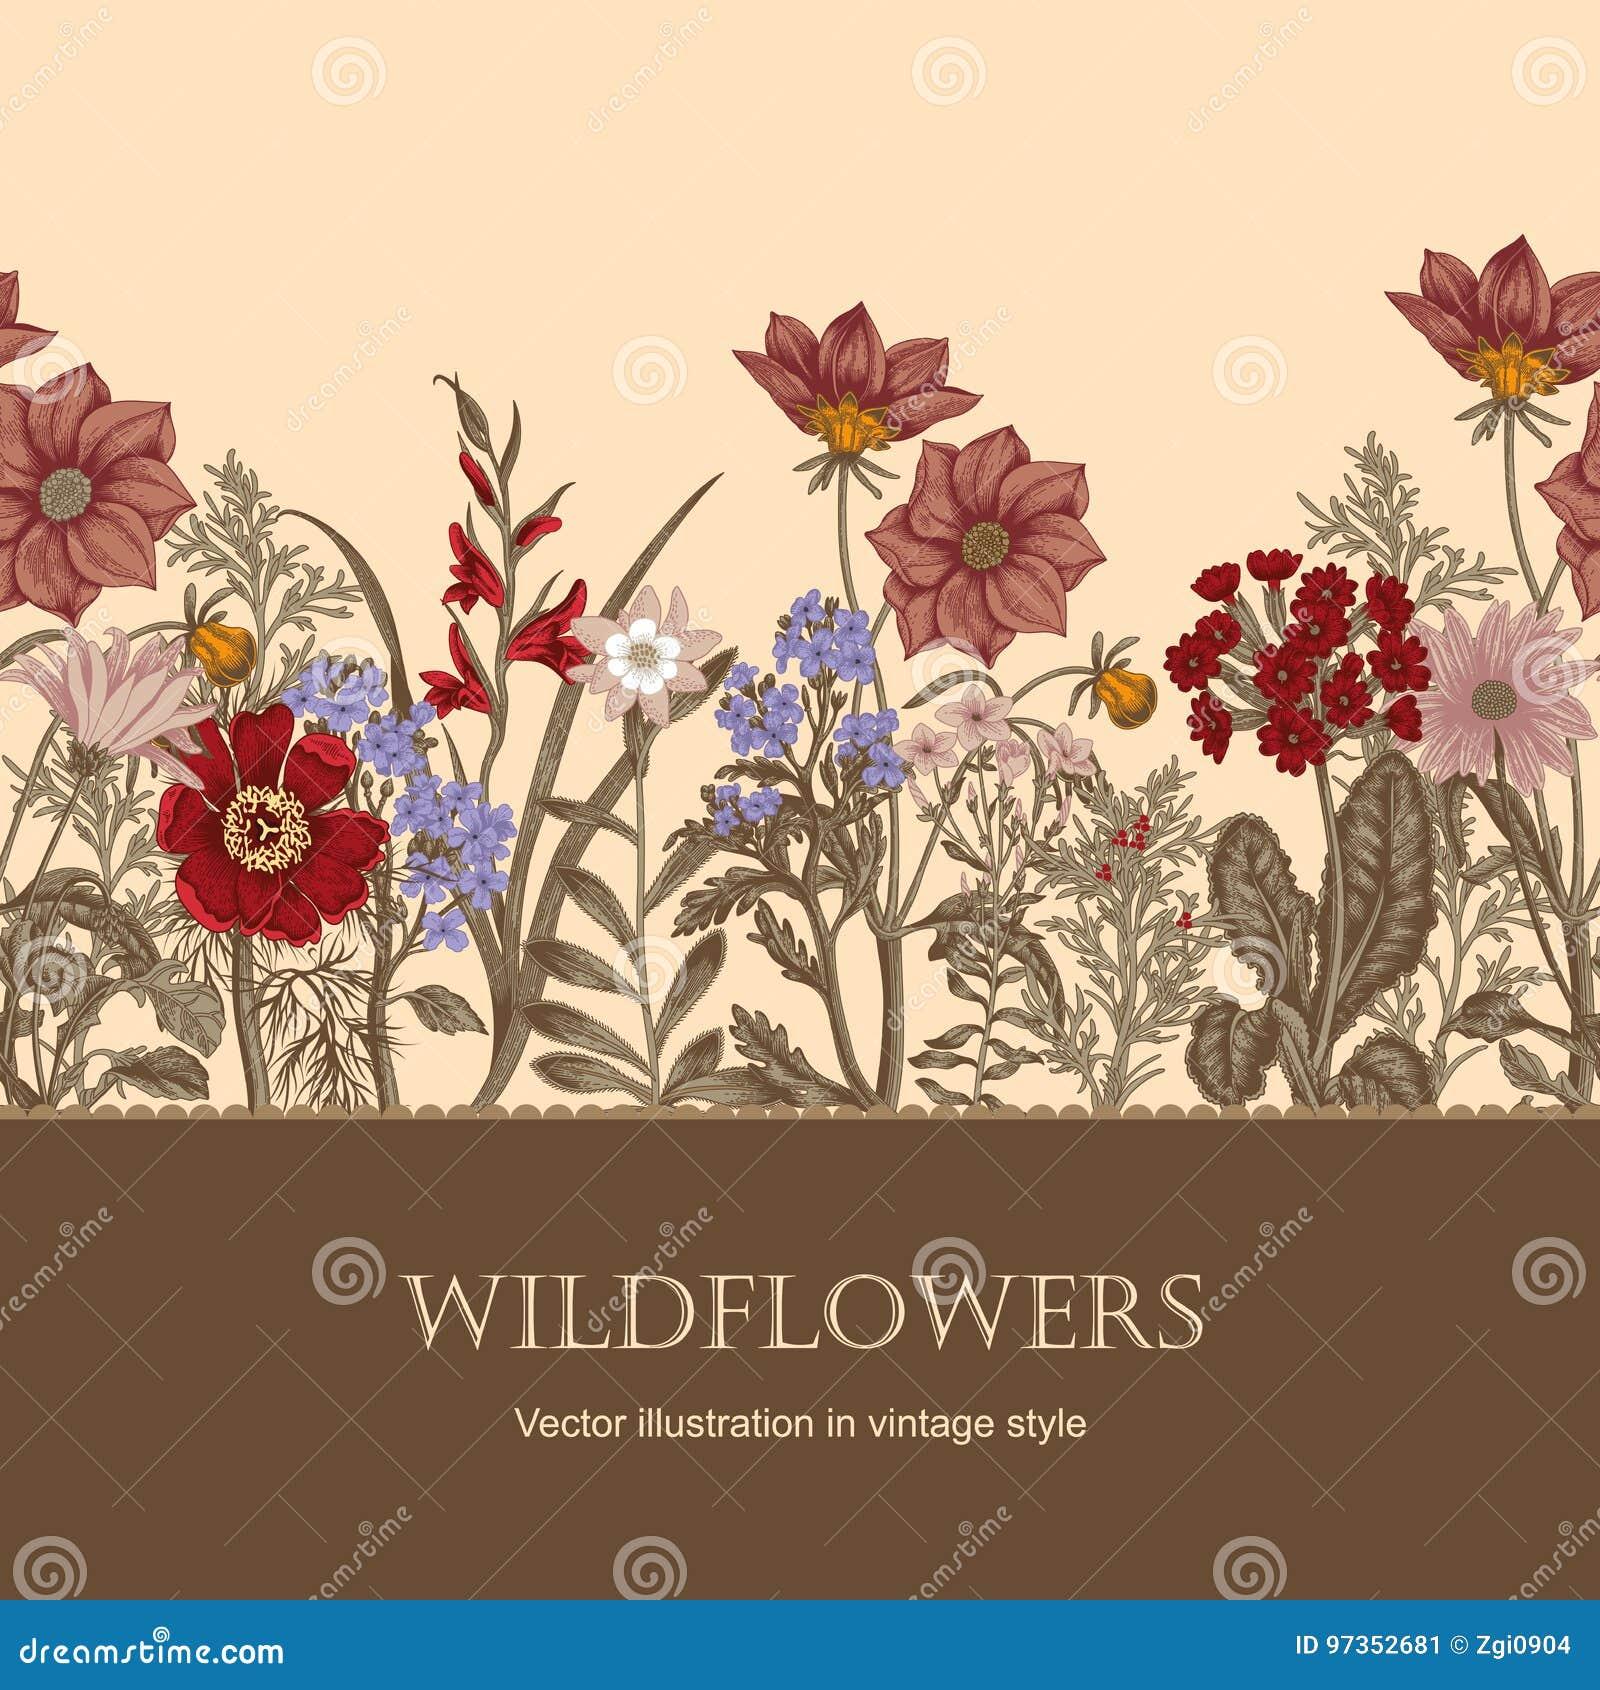 Vildblommar Vektorillustrationen i tappning utformar festlig vykort